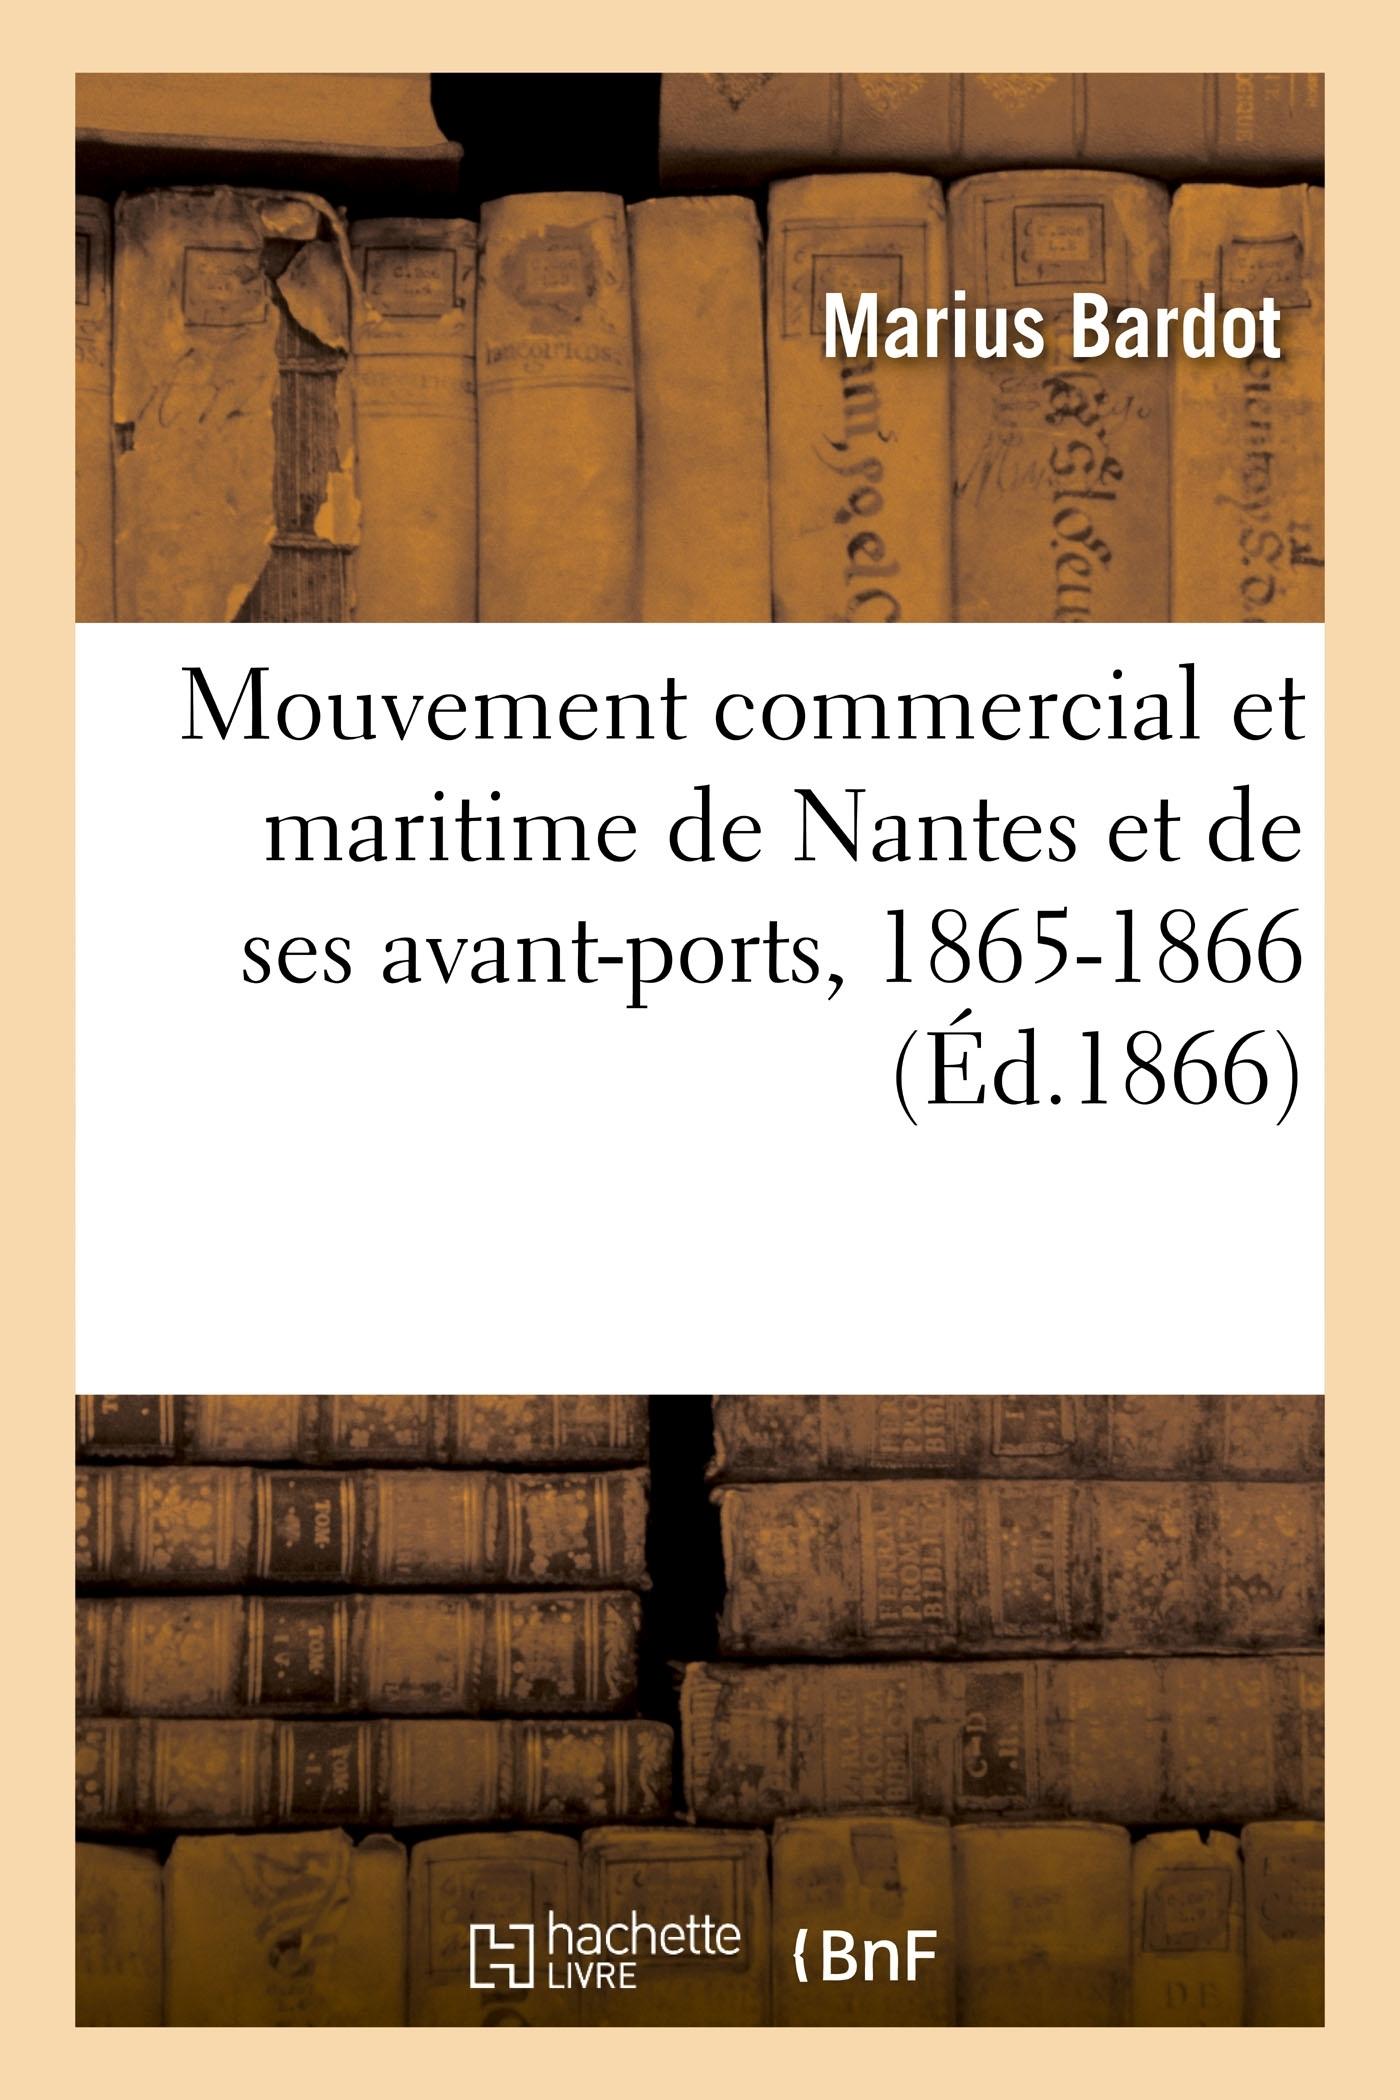 RAPPORT ANNUEL SUR LE MOUVEMENT COMMERCIAL ET MARITIME DE NANTES ET DE SES AVANT-PORTS, 1865-1866